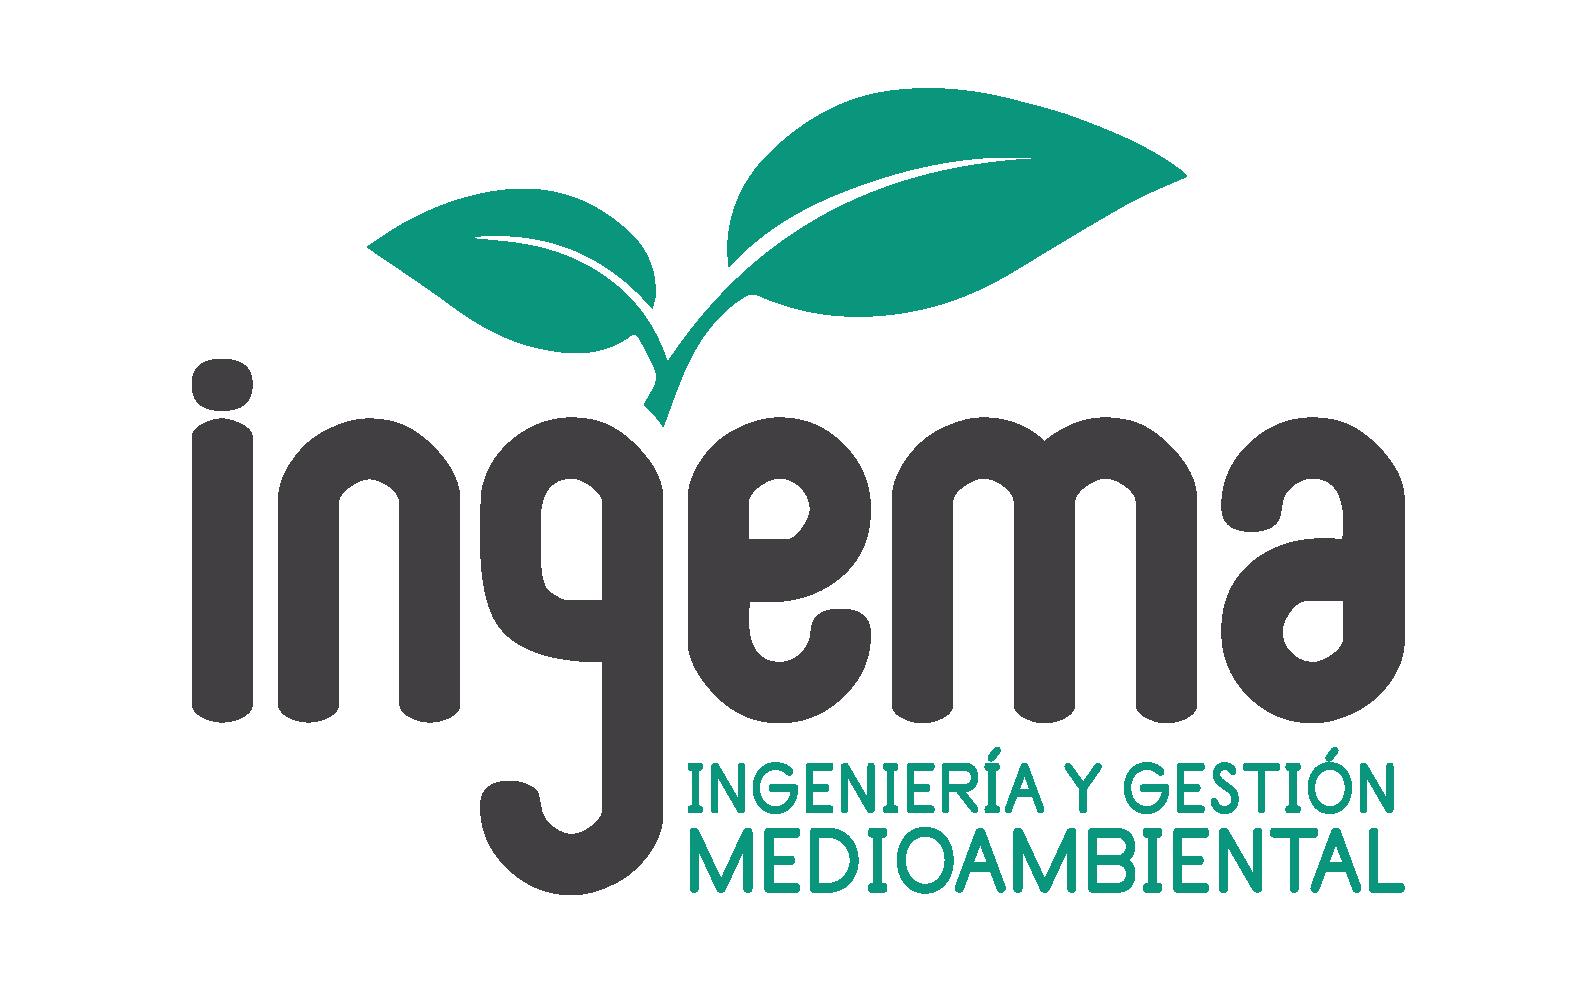 Trabajos de Ingeniería y Gestión Medioambiental Madrid España